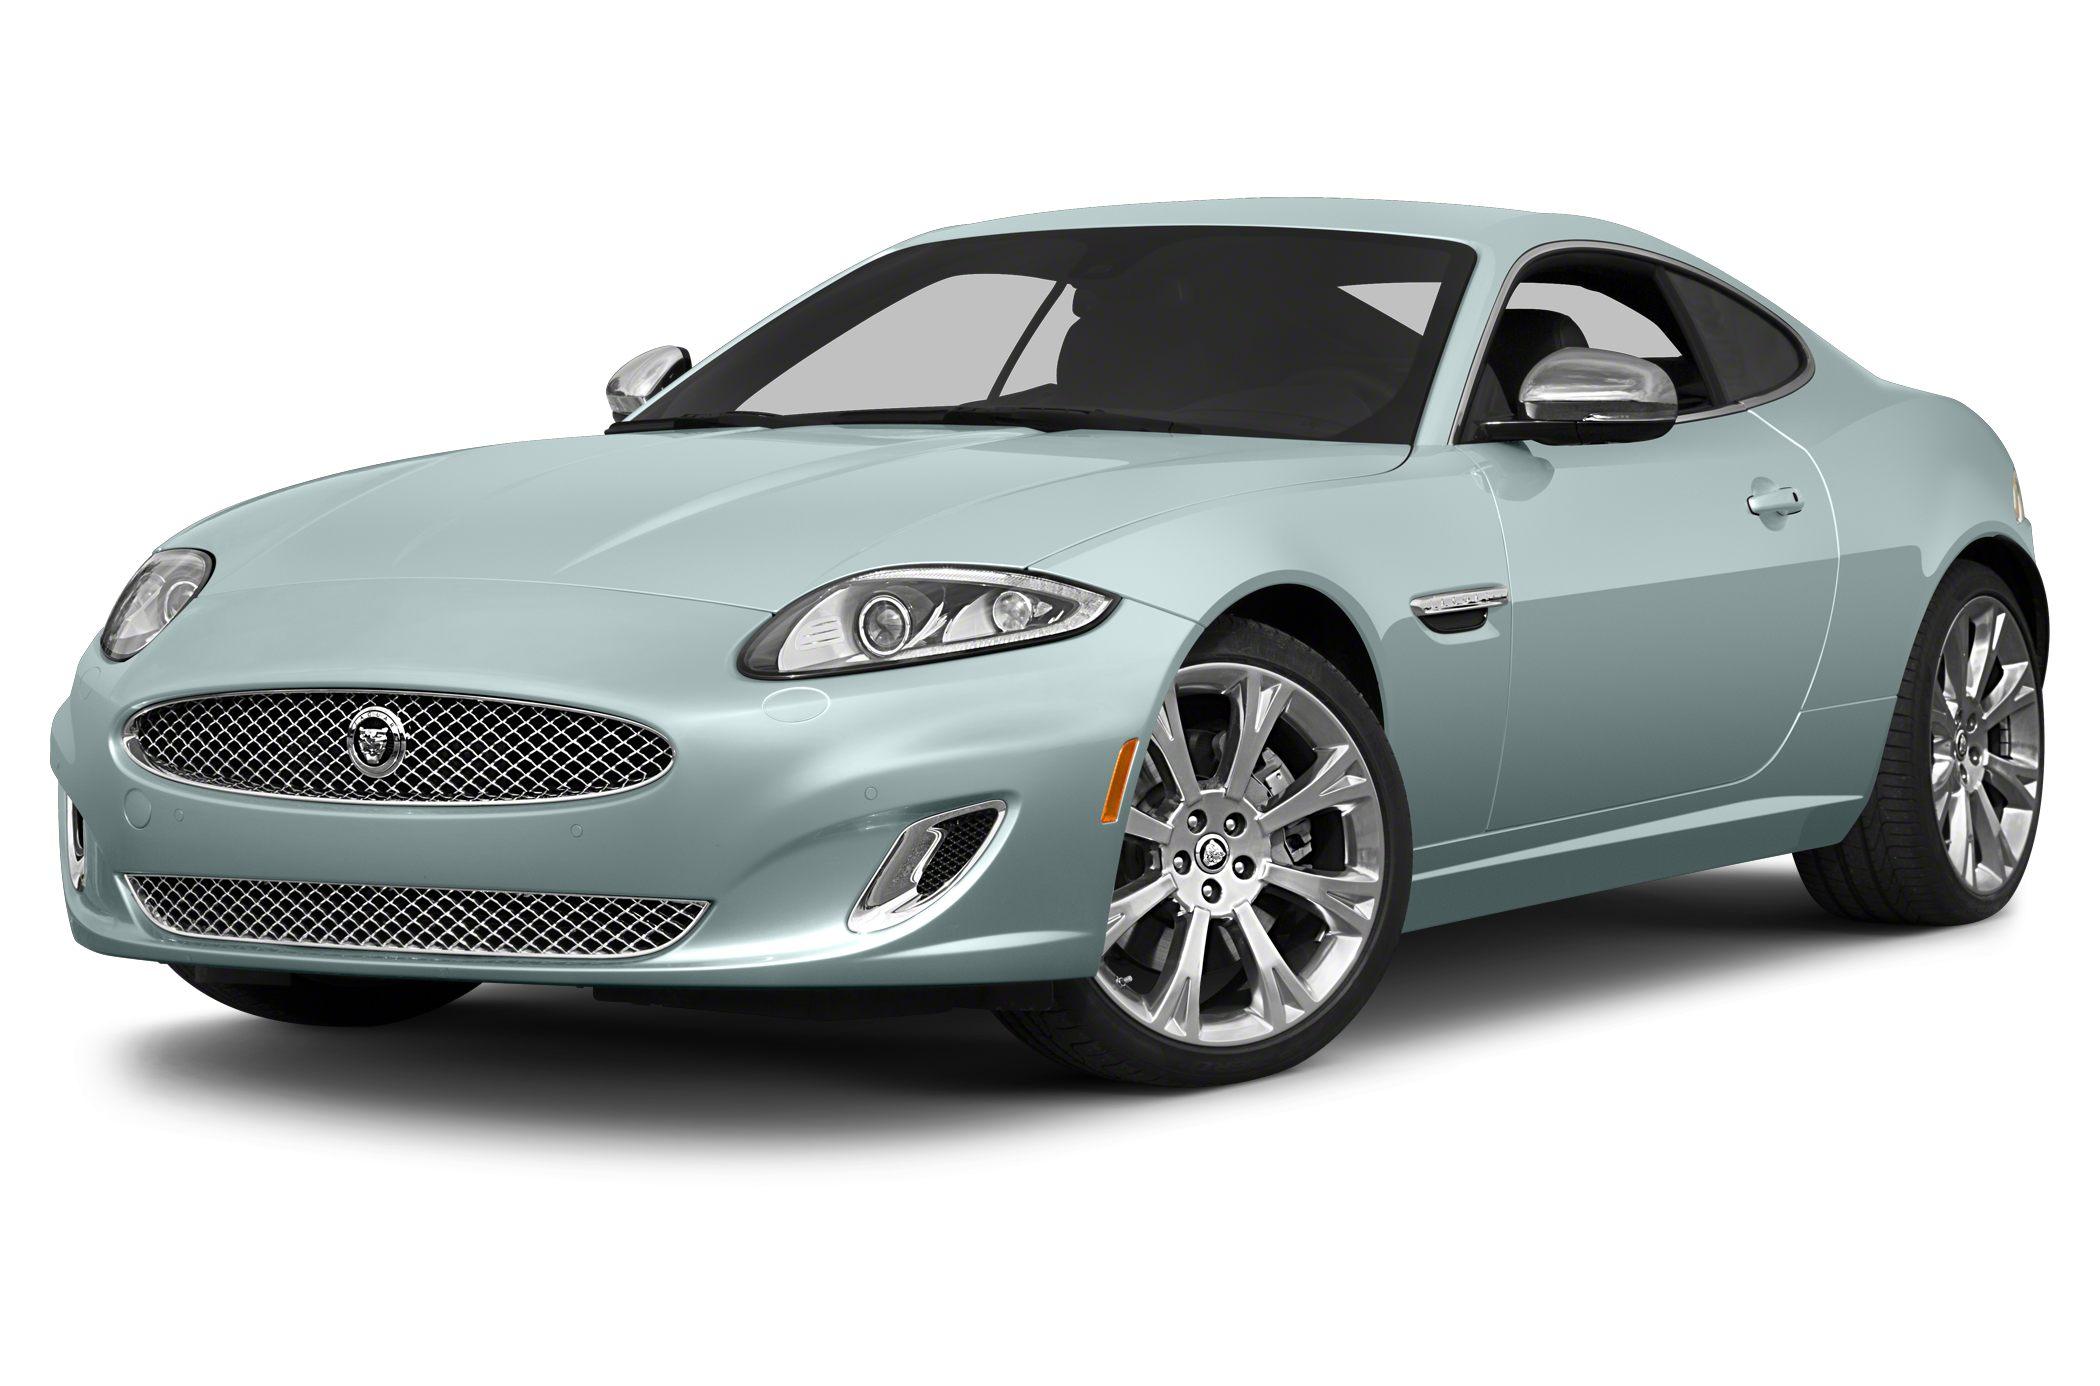 2013 Jaguar XK Information